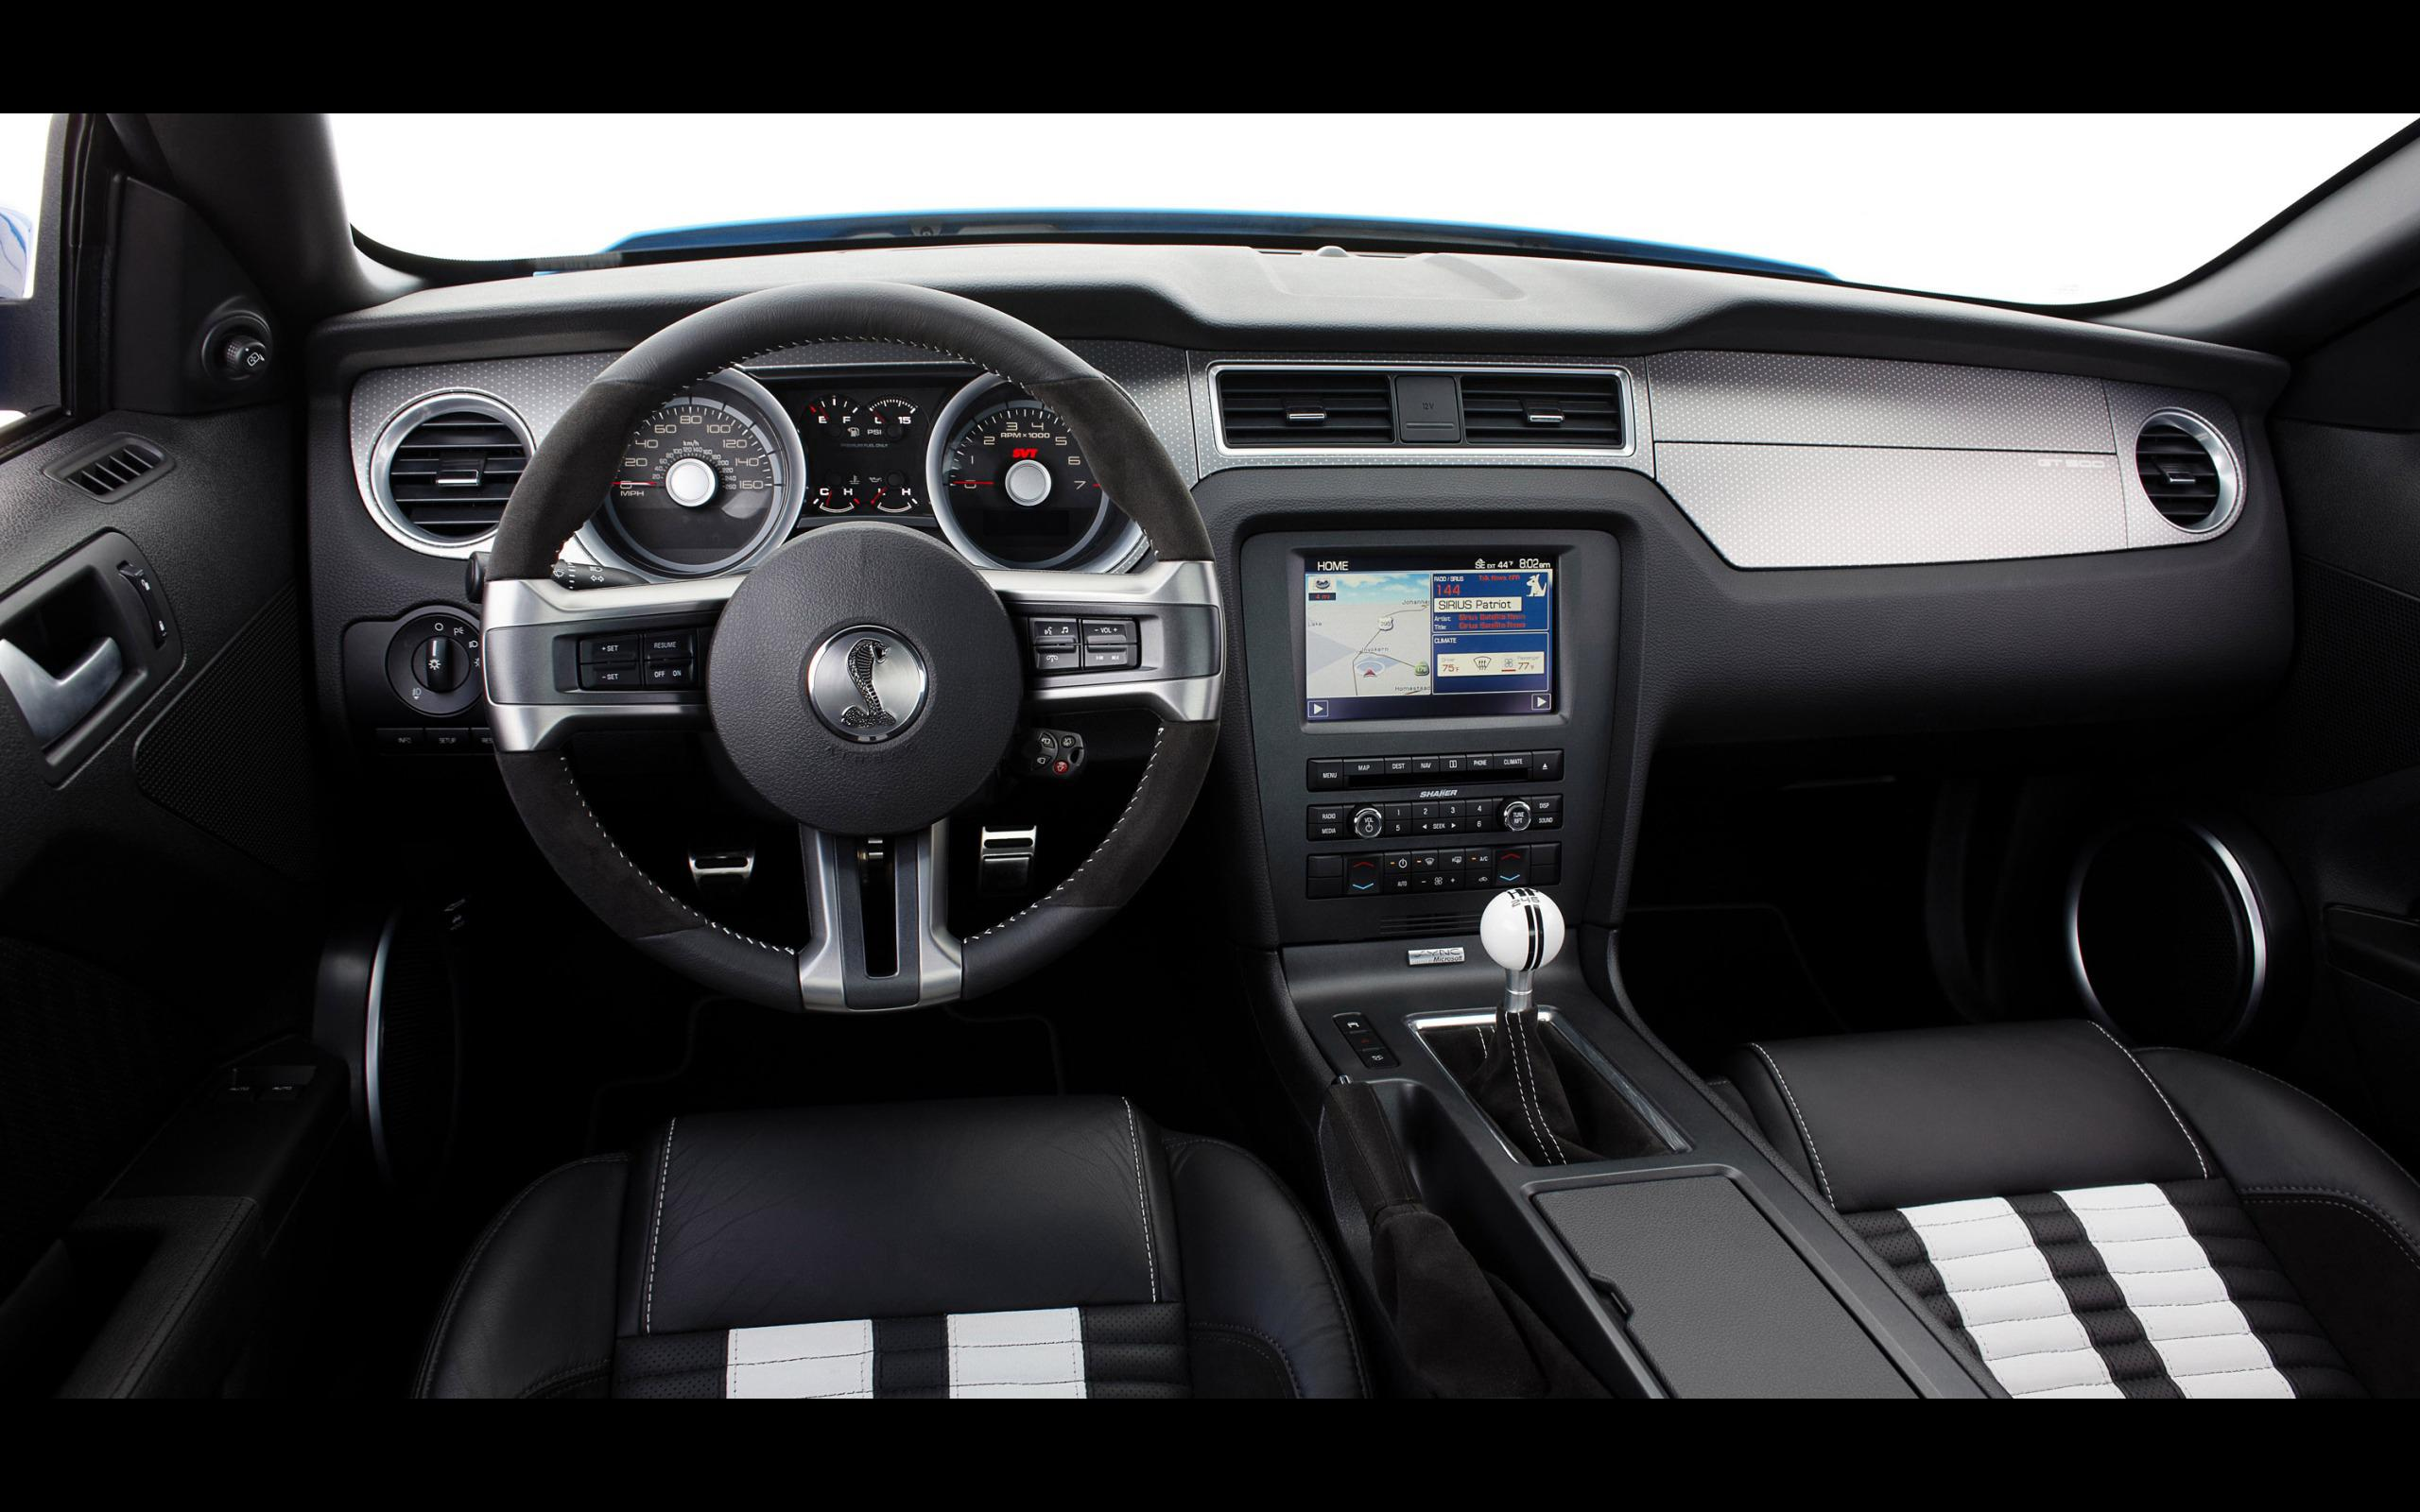 壁纸2560 1600福特野马GT跑车高清壁纸 2560x1600 壁纸43壁纸,福高清图片